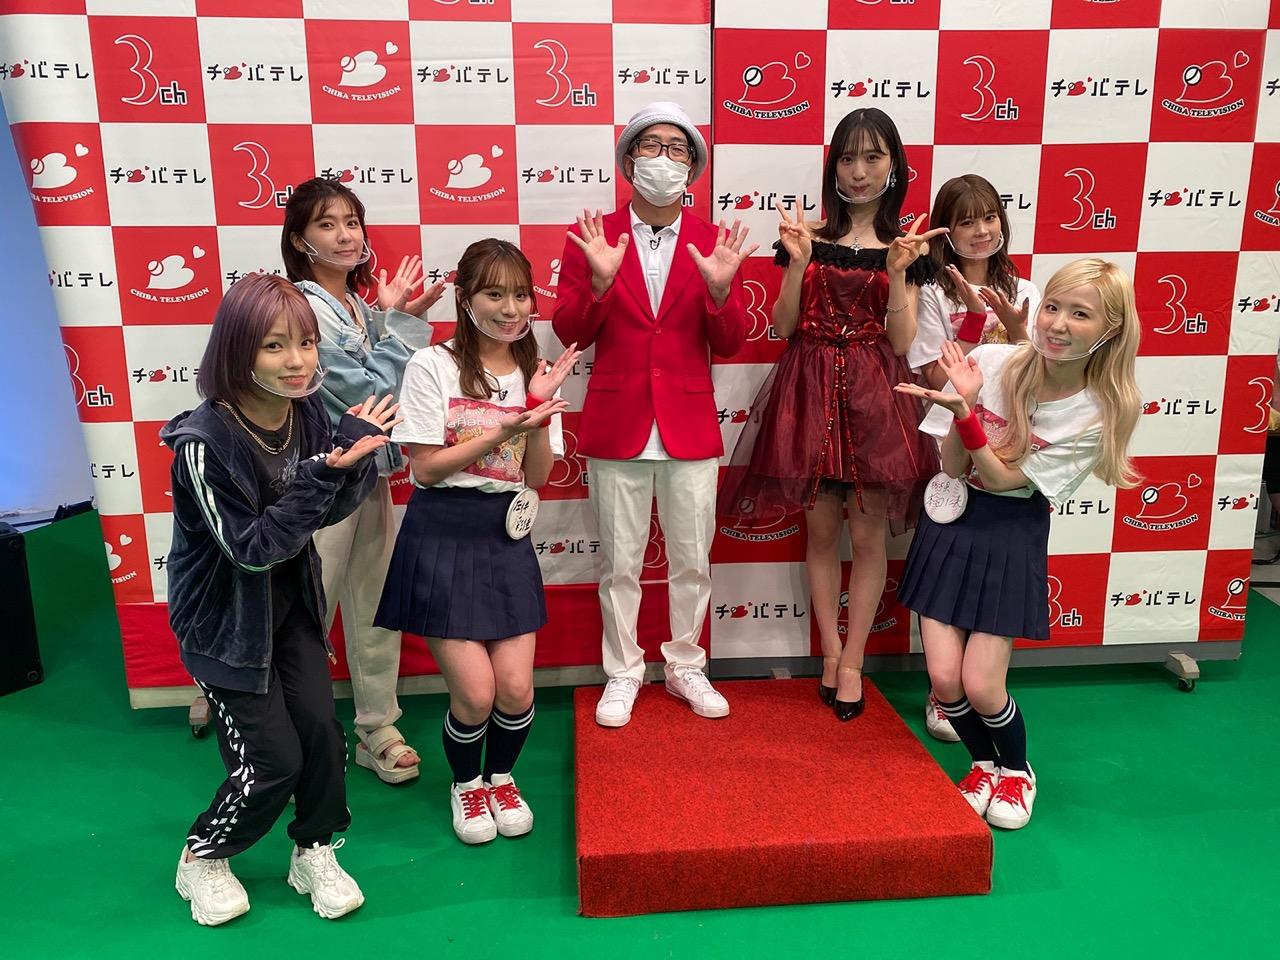 「AKB48チーム8のKANTO白書 バッチこーい!」#94:バッチバチ!エイトの日ウワサ大検証SP!【2021.9.5 23:30〜 千葉テレビ】